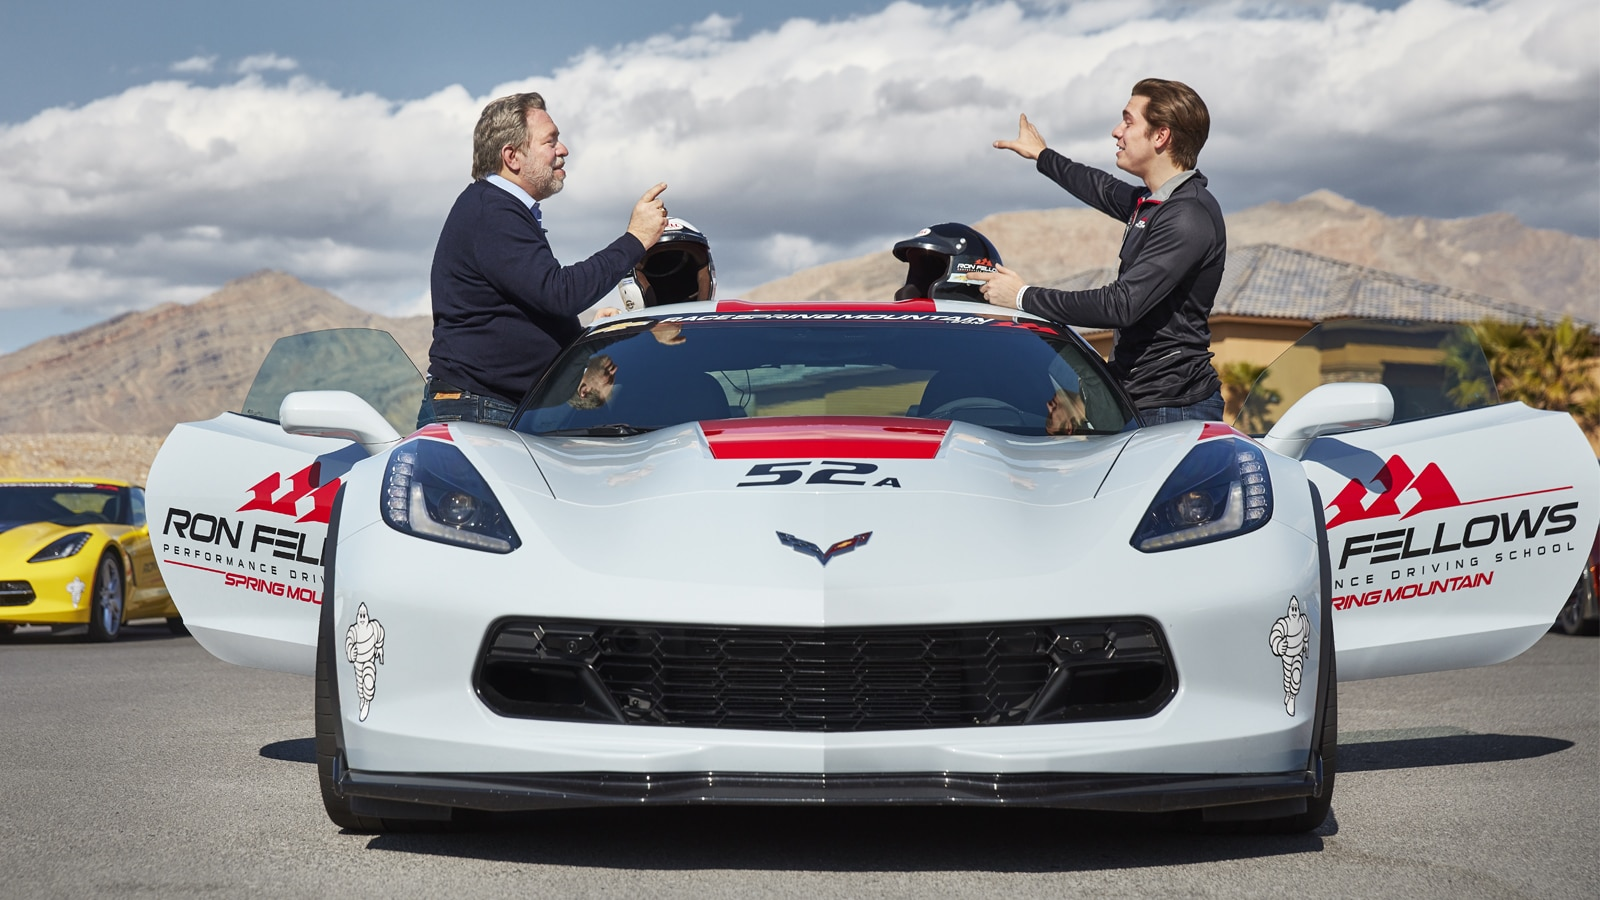 Estudiantes de pie y conversando a ambos lados de un Corvette blanco.